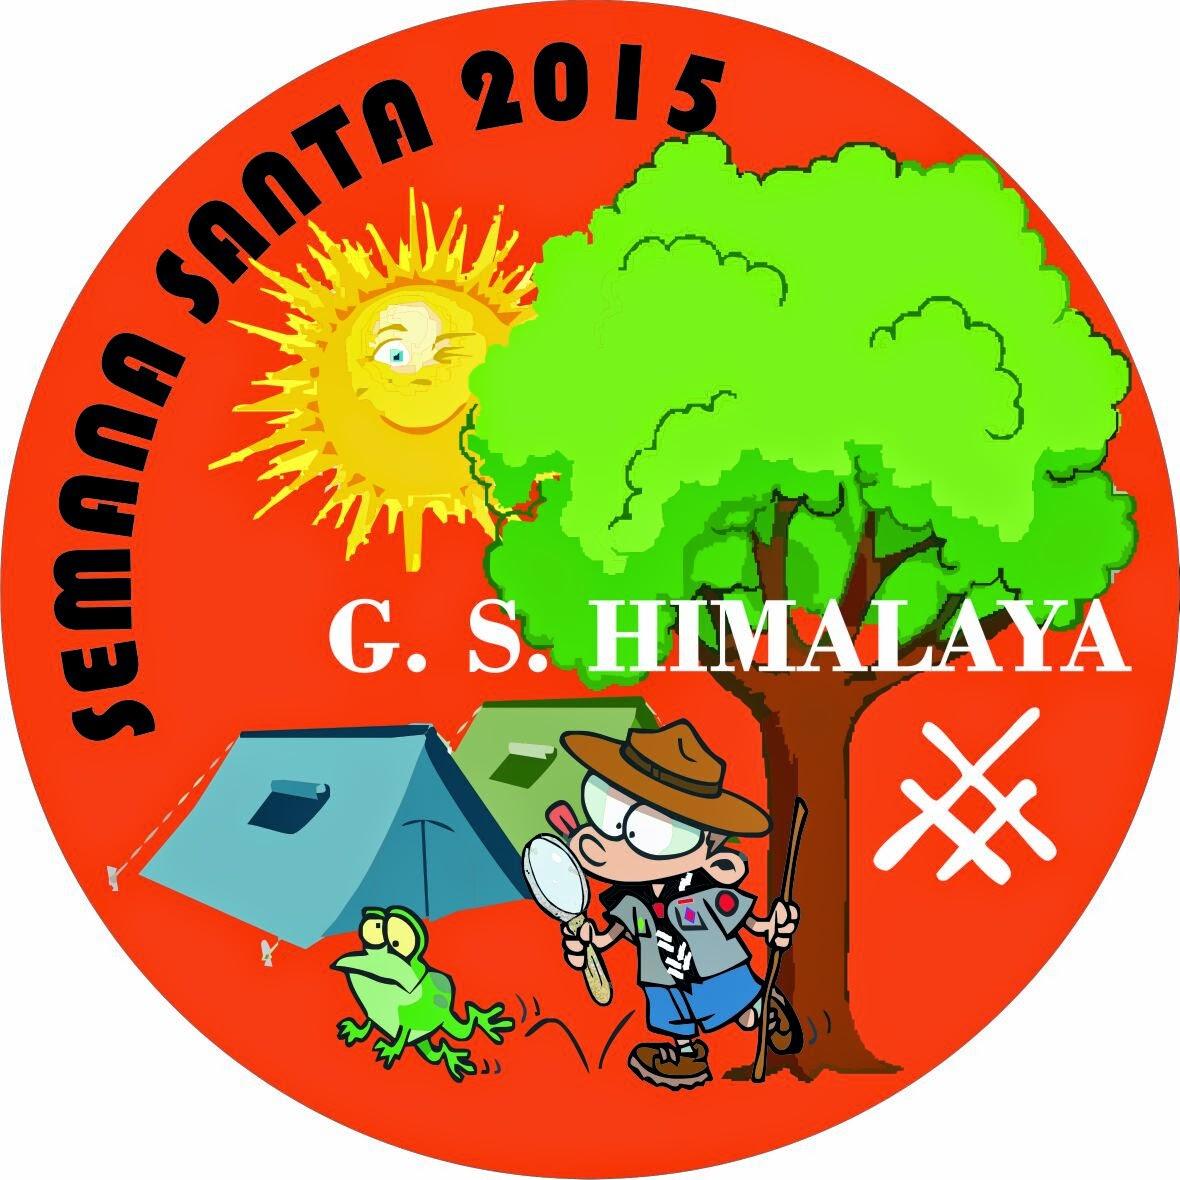 Grupo Scout Himalaya: Nuevo trimestre, Día del amigo y fotos campa